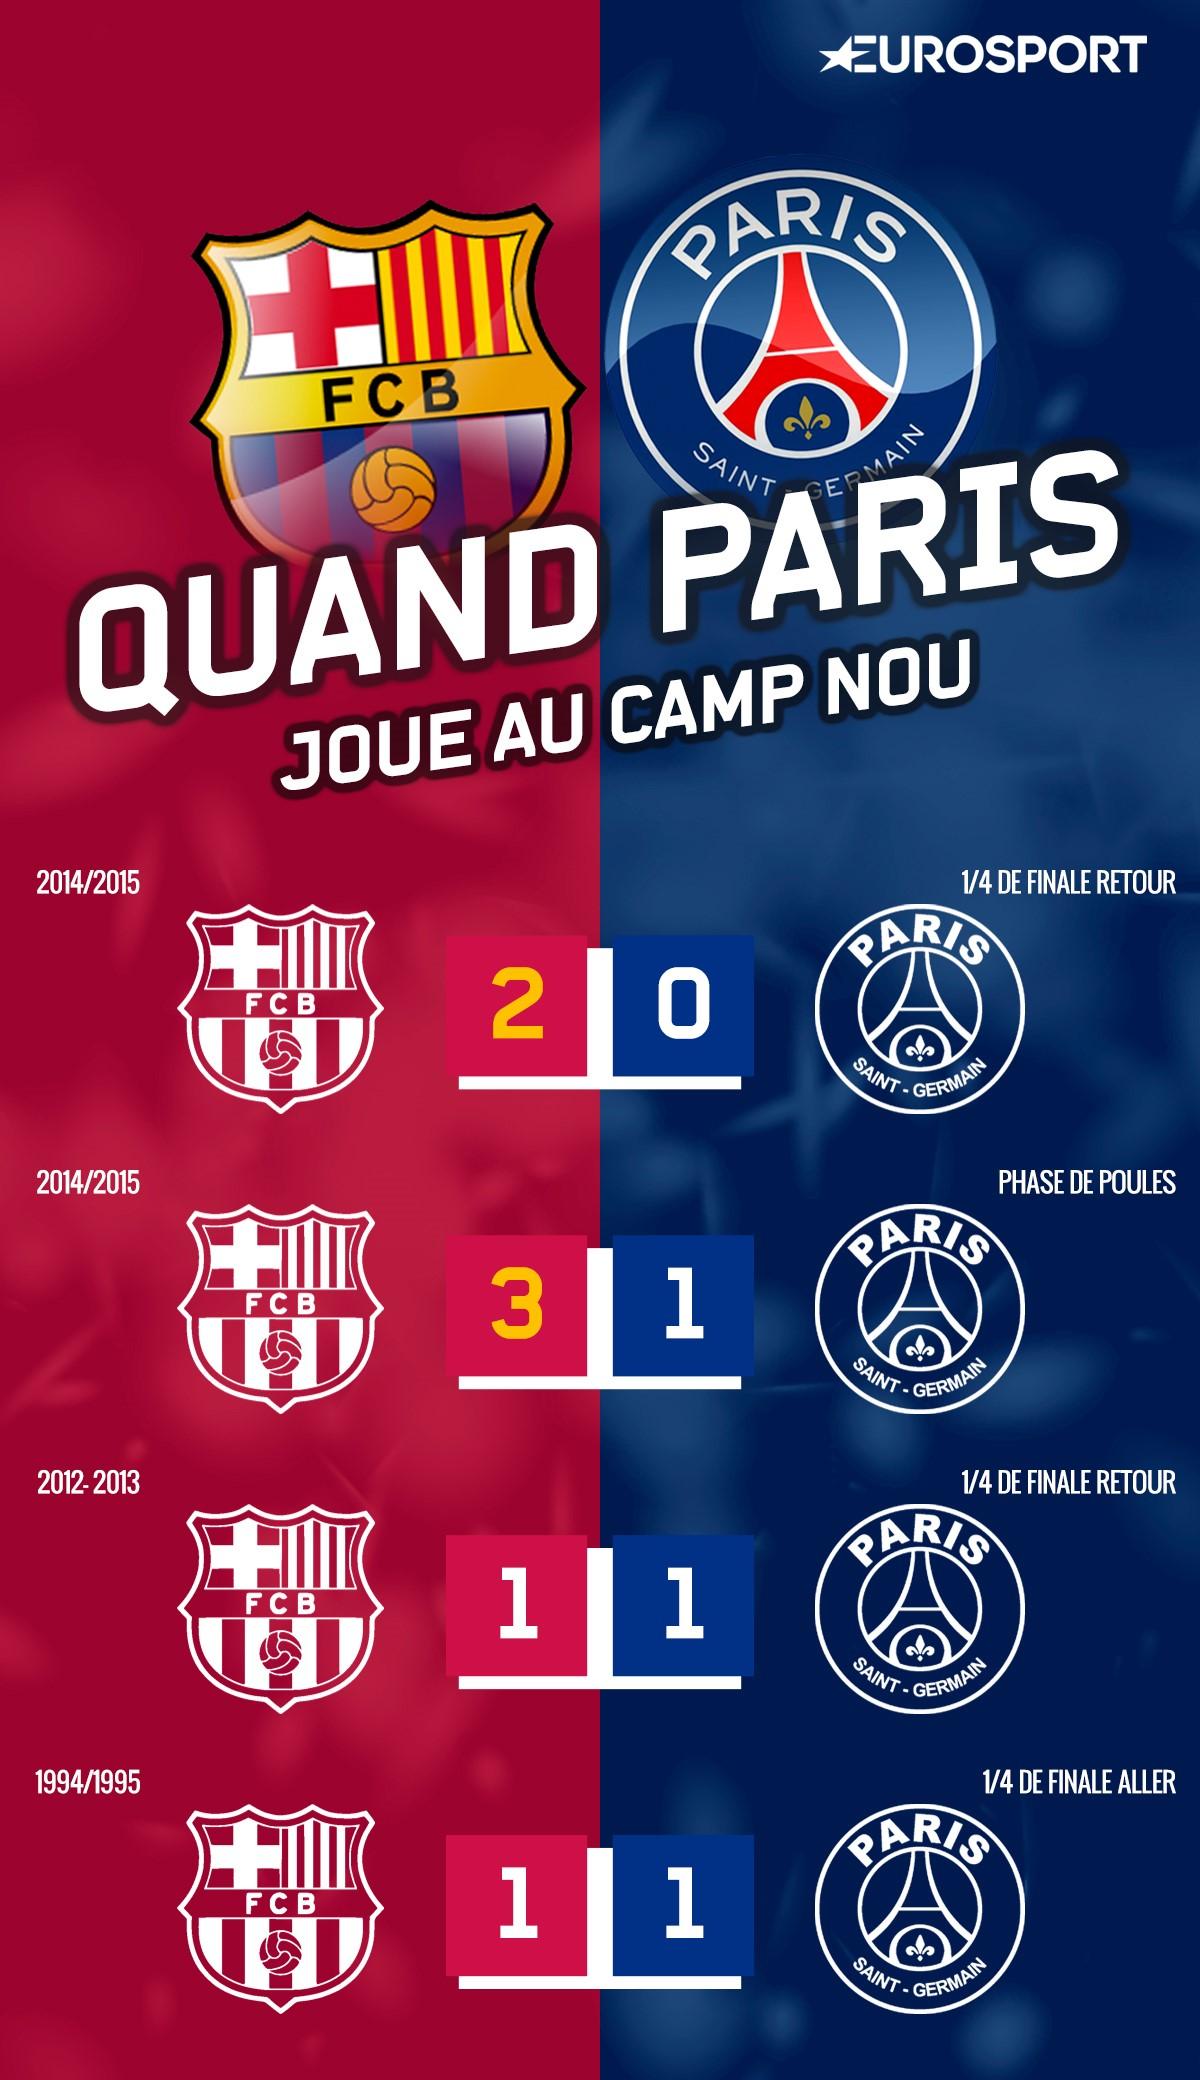 L'historique du PSG au Camp Nou